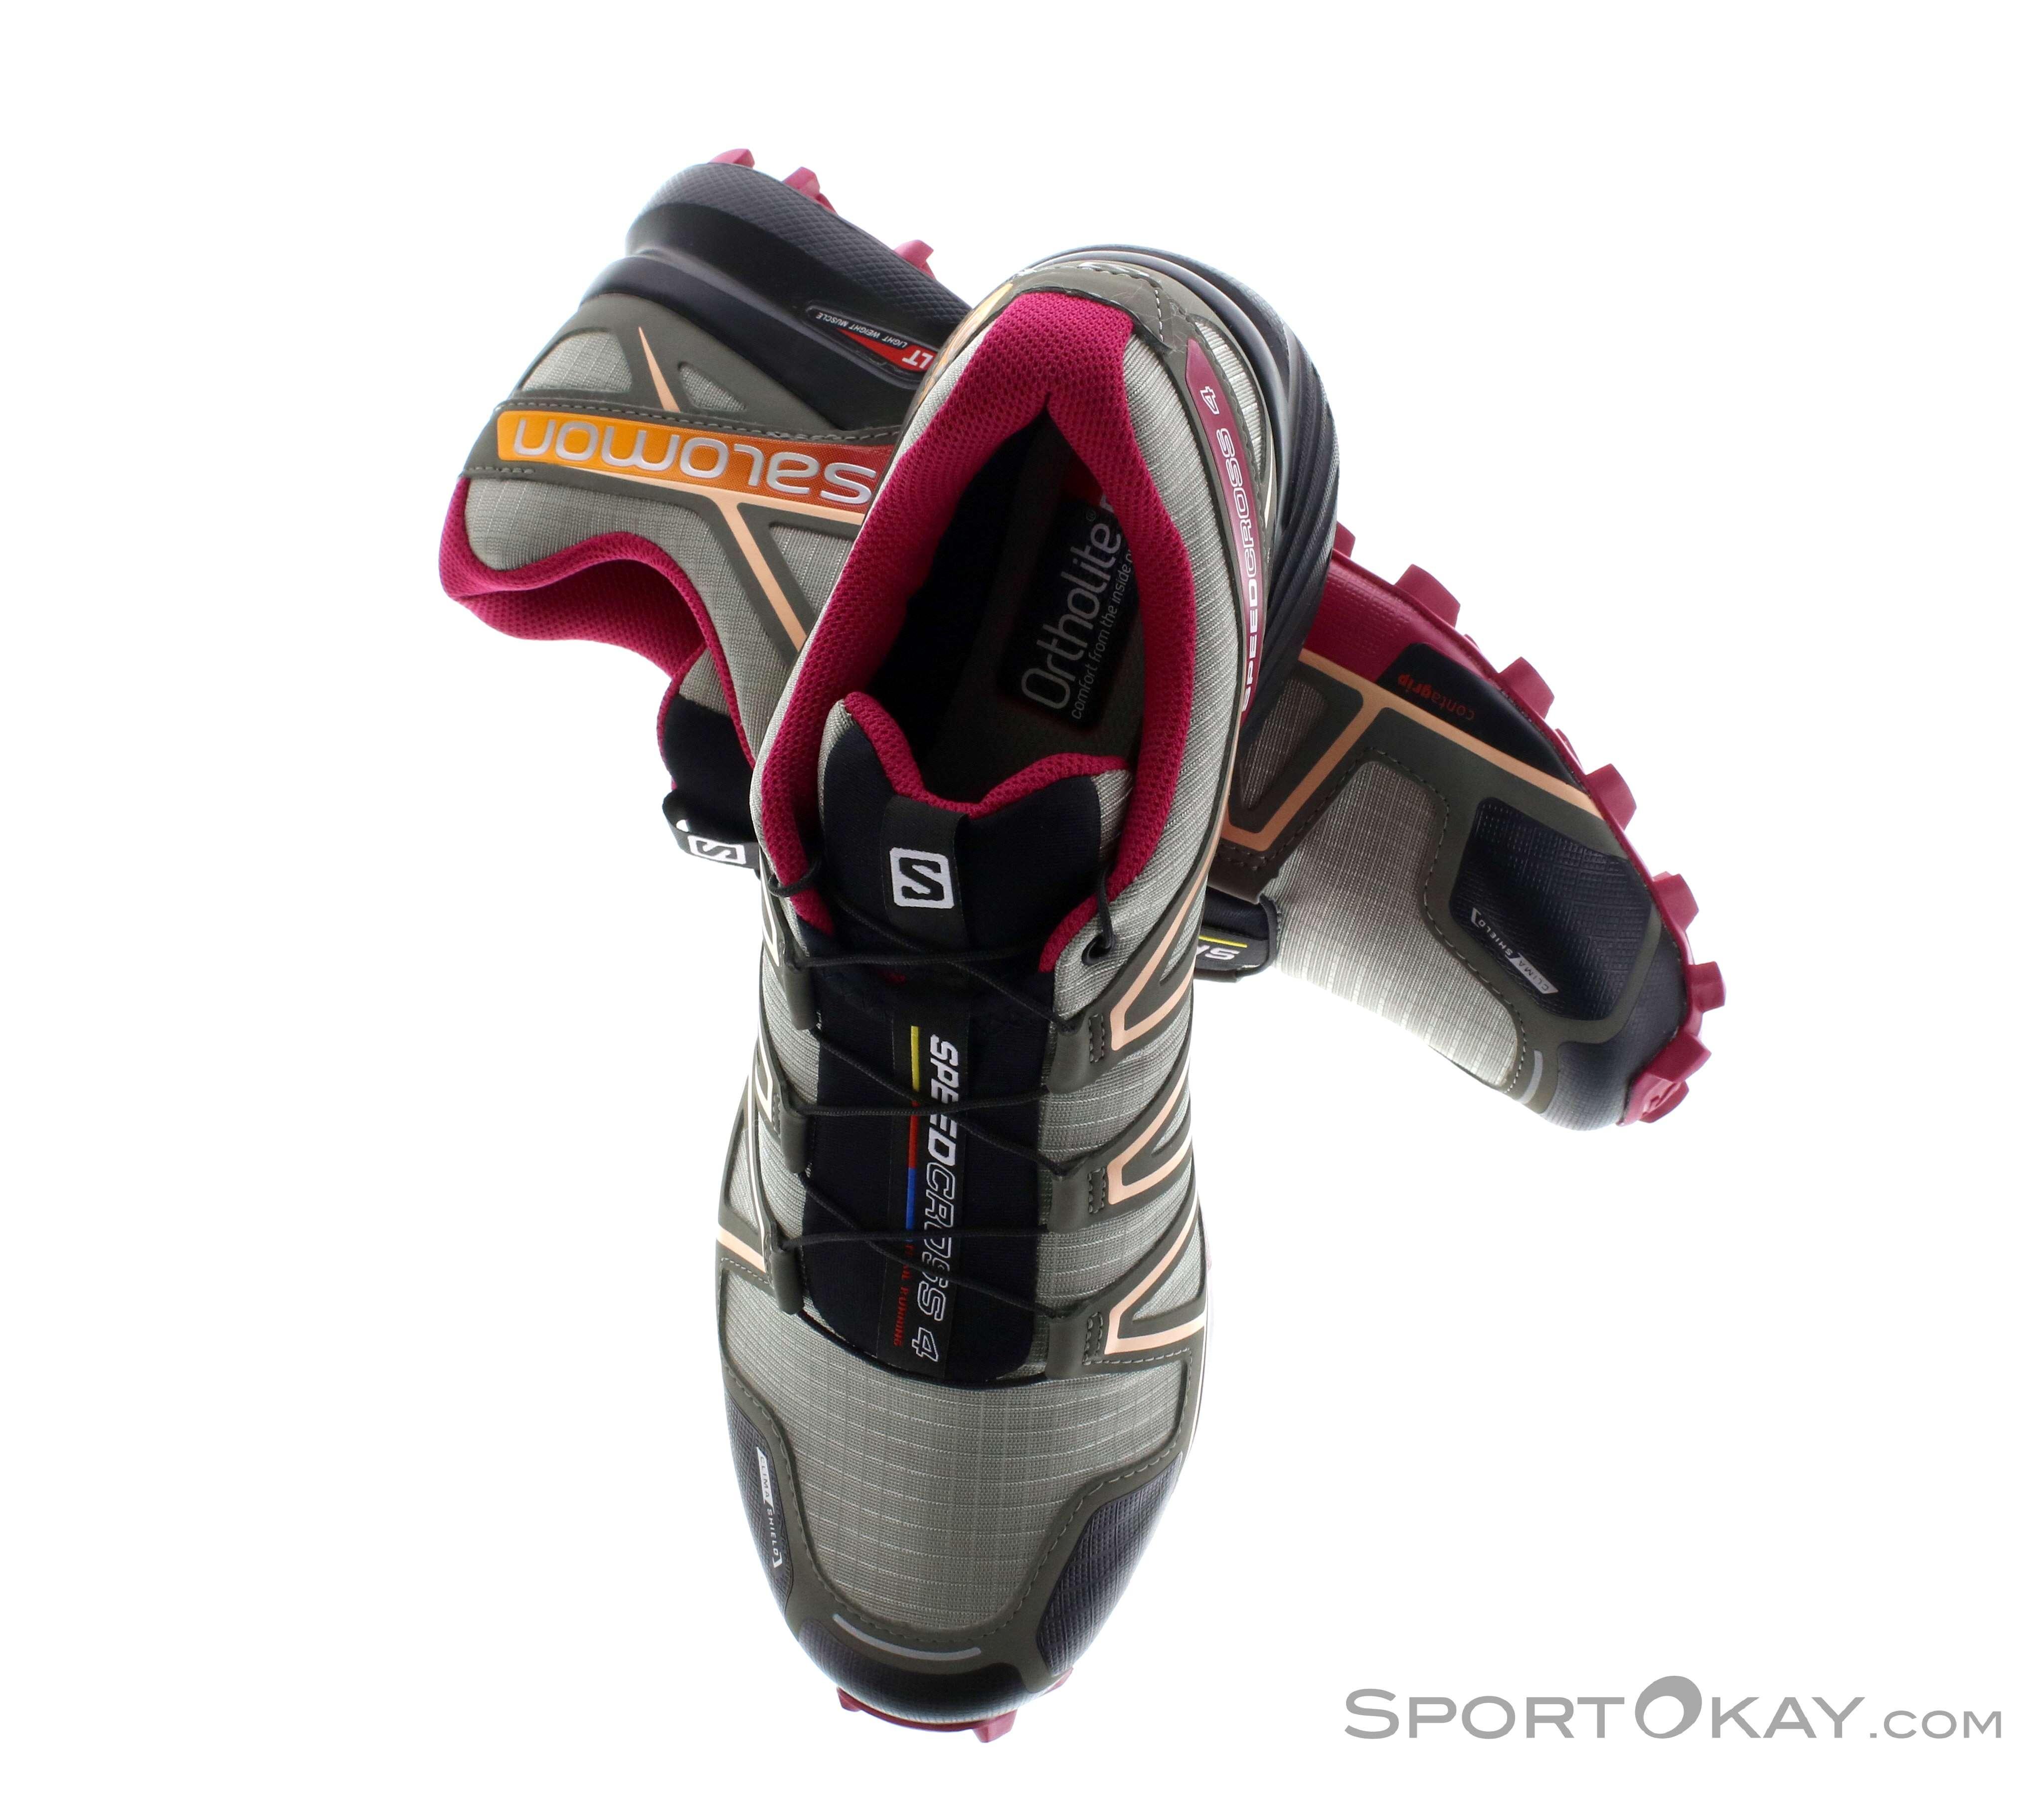 nouveau produit 9bf55 a536c Salomon Salomon Speedcross 4 CS Womens Trail Running Shoes